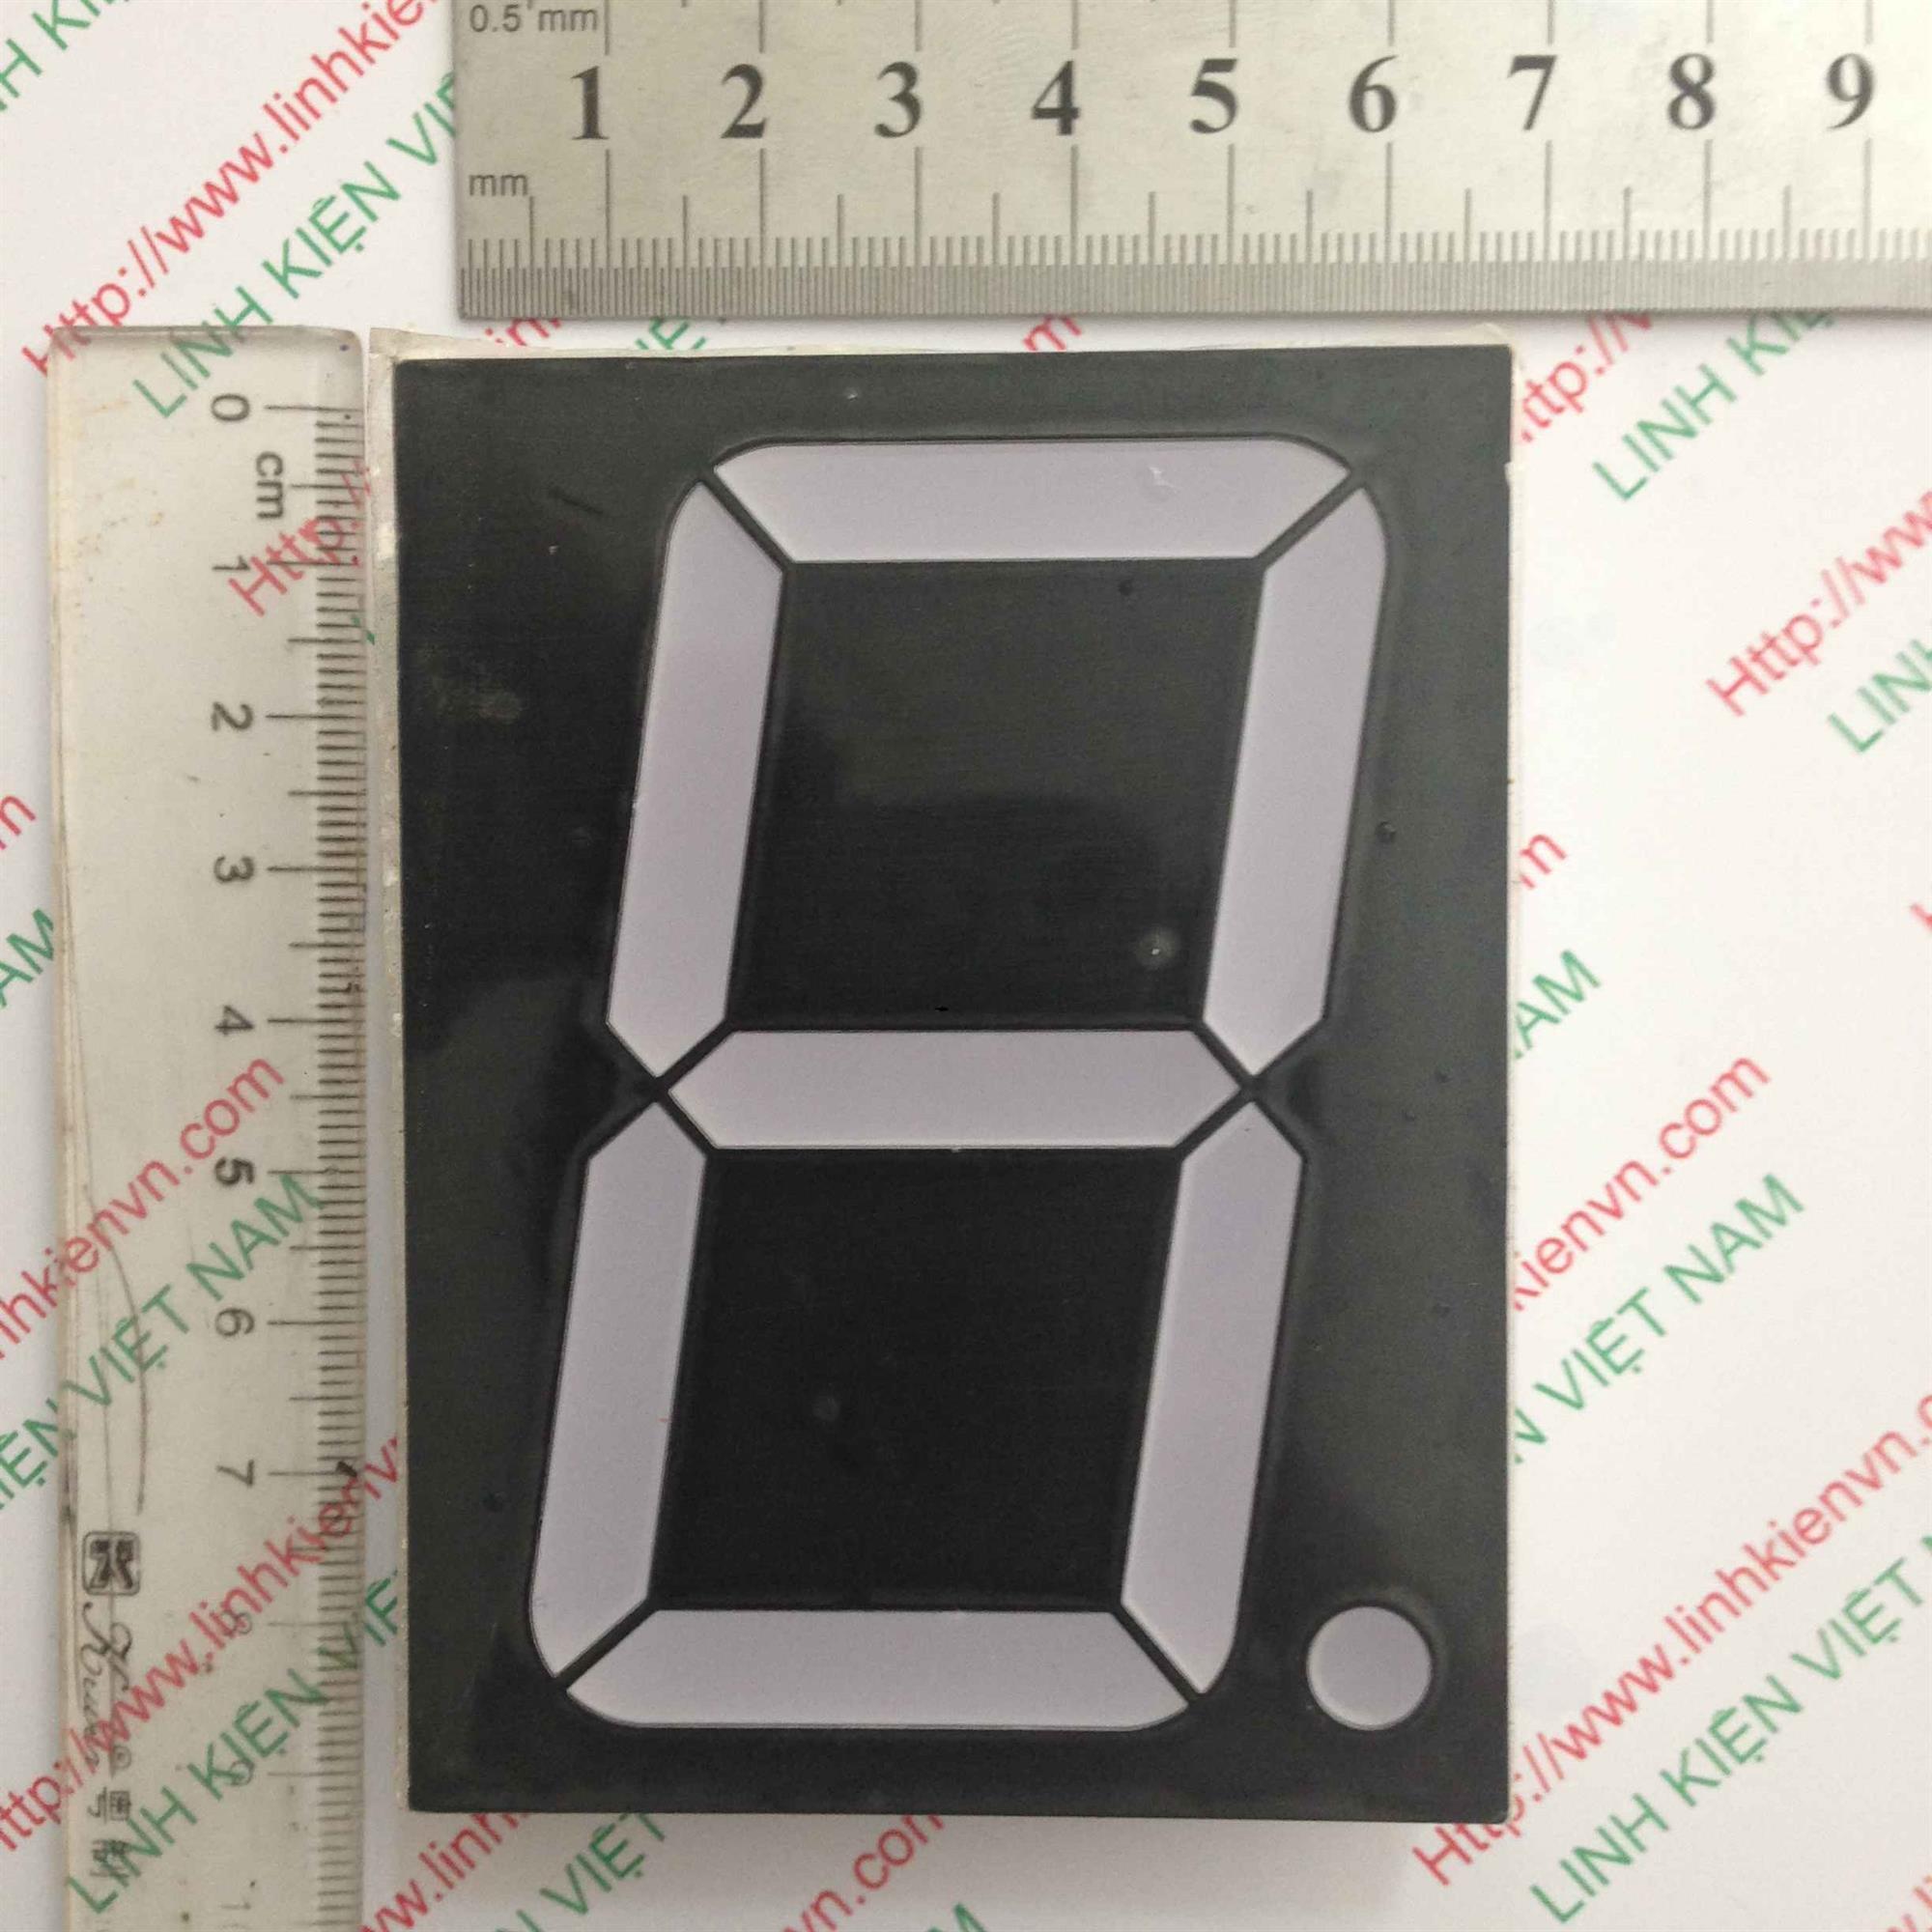 Led 7 thanh đỏ đơn 3 inch (7x9cm)/ Led 7 thanh 1 số 3inch - A2H1